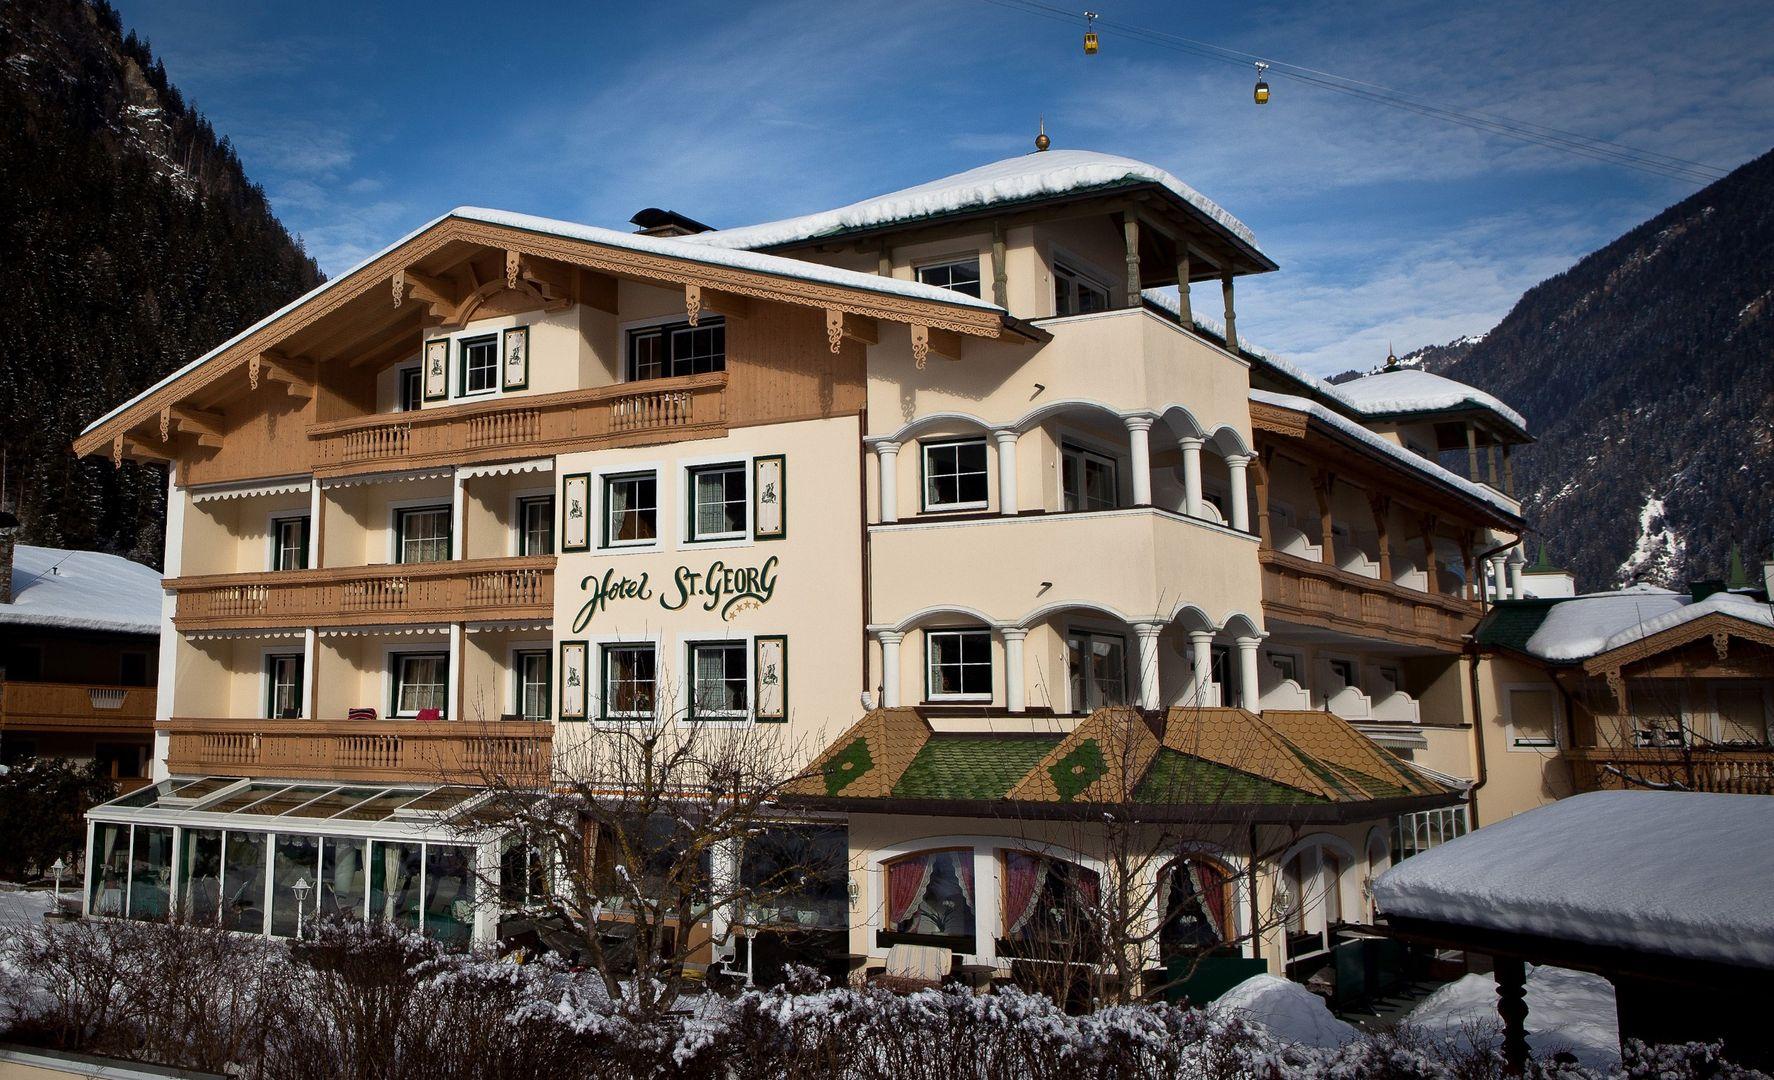 Slide1 - Hotel St. Georg